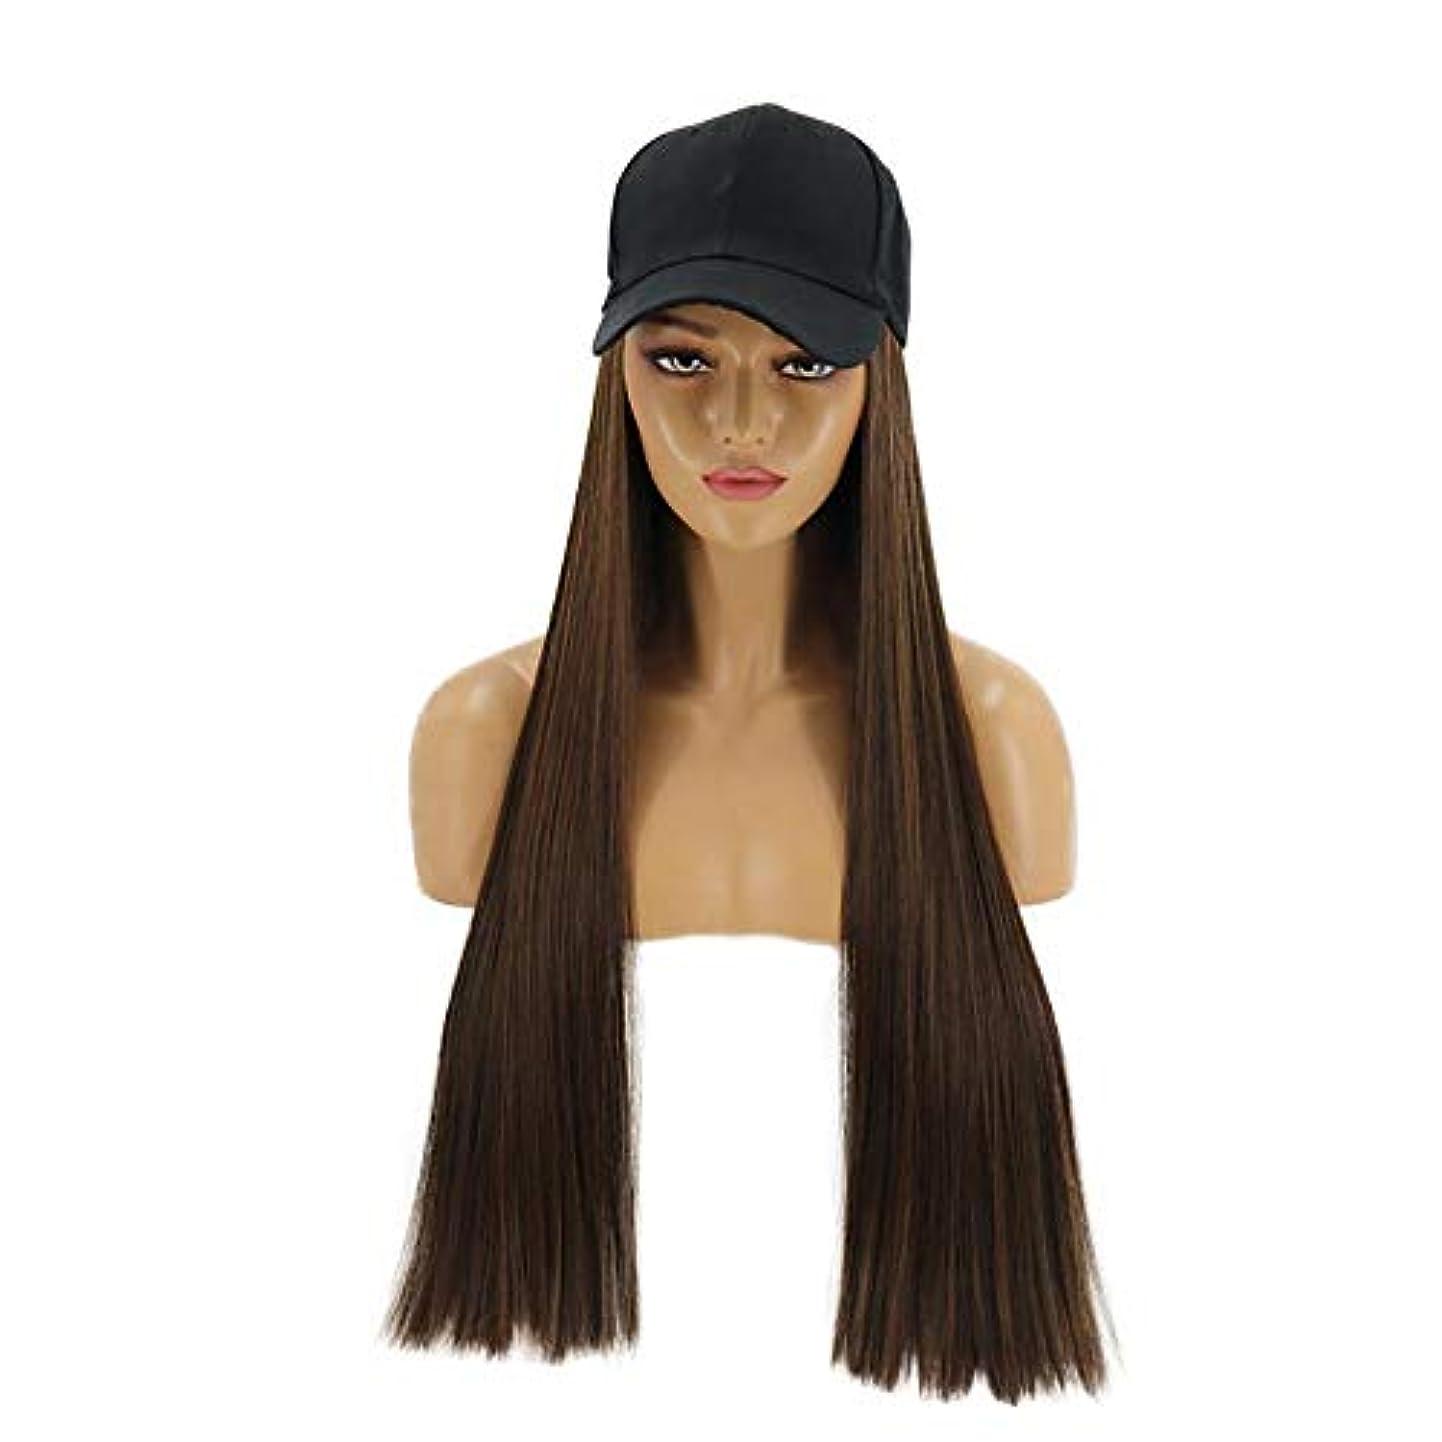 アクセルレインコートによるとHAILAN HOME-かつら ライトブラウンファッションの女性ウィッグワンピース帽子ウィッグ先見Unbowed髪ハット62センチメートルワンピース取り外し可能 (色 : Light brown)